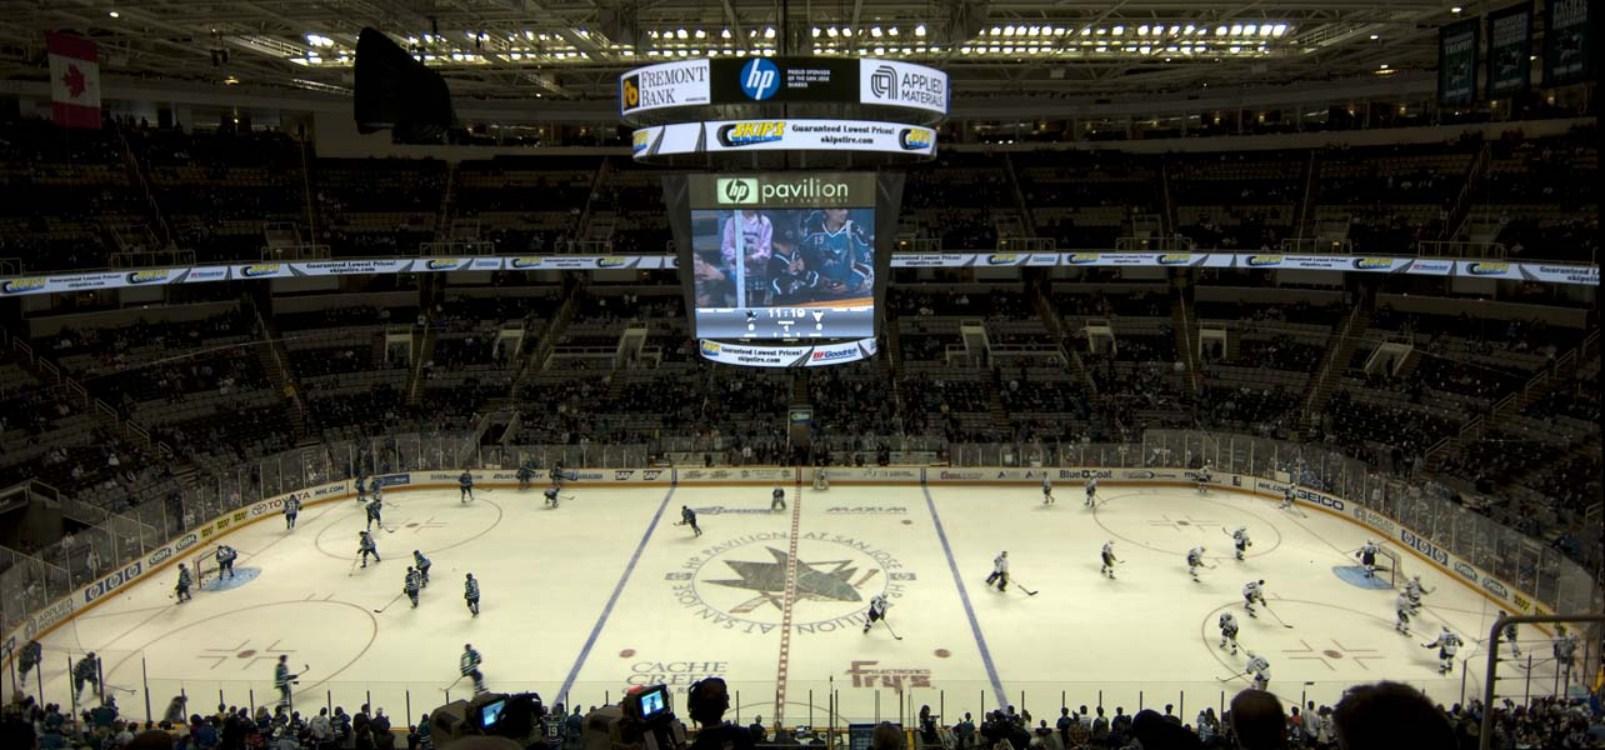 SAP Center at San Jose section 215 row 7 seat 10 - San Jose Sharks